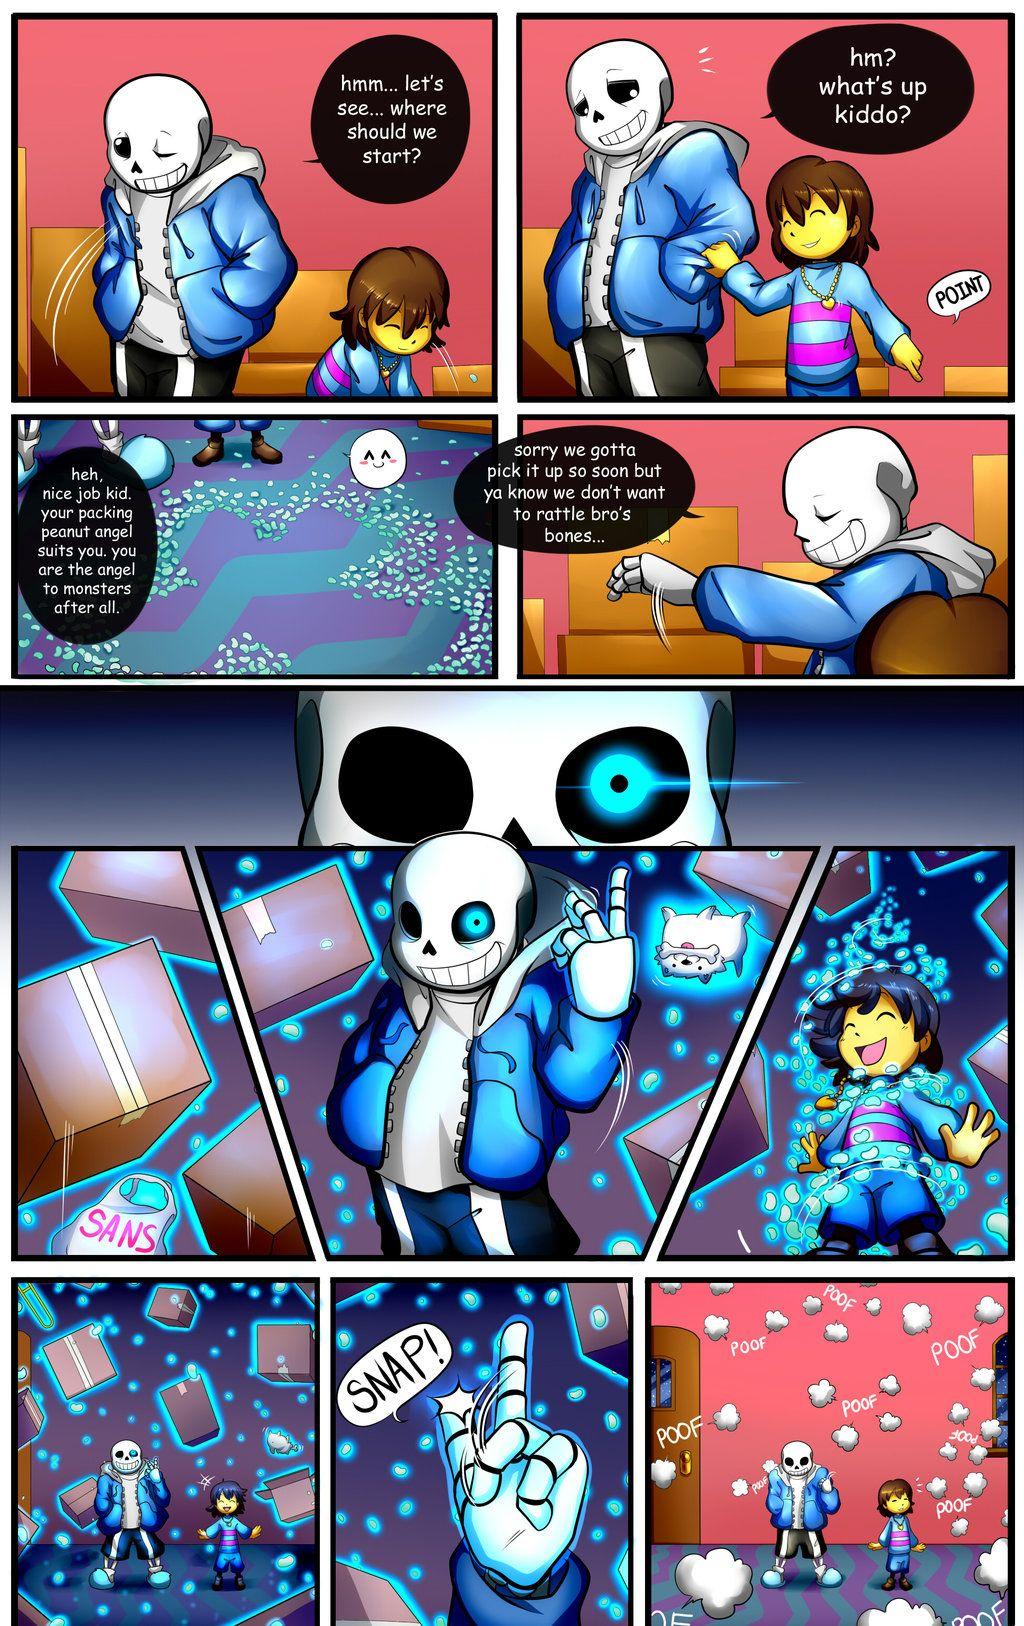 Undertale Fan Comic Pg. 2 by Smudgeandfrank.deviantart.com on @DeviantArt